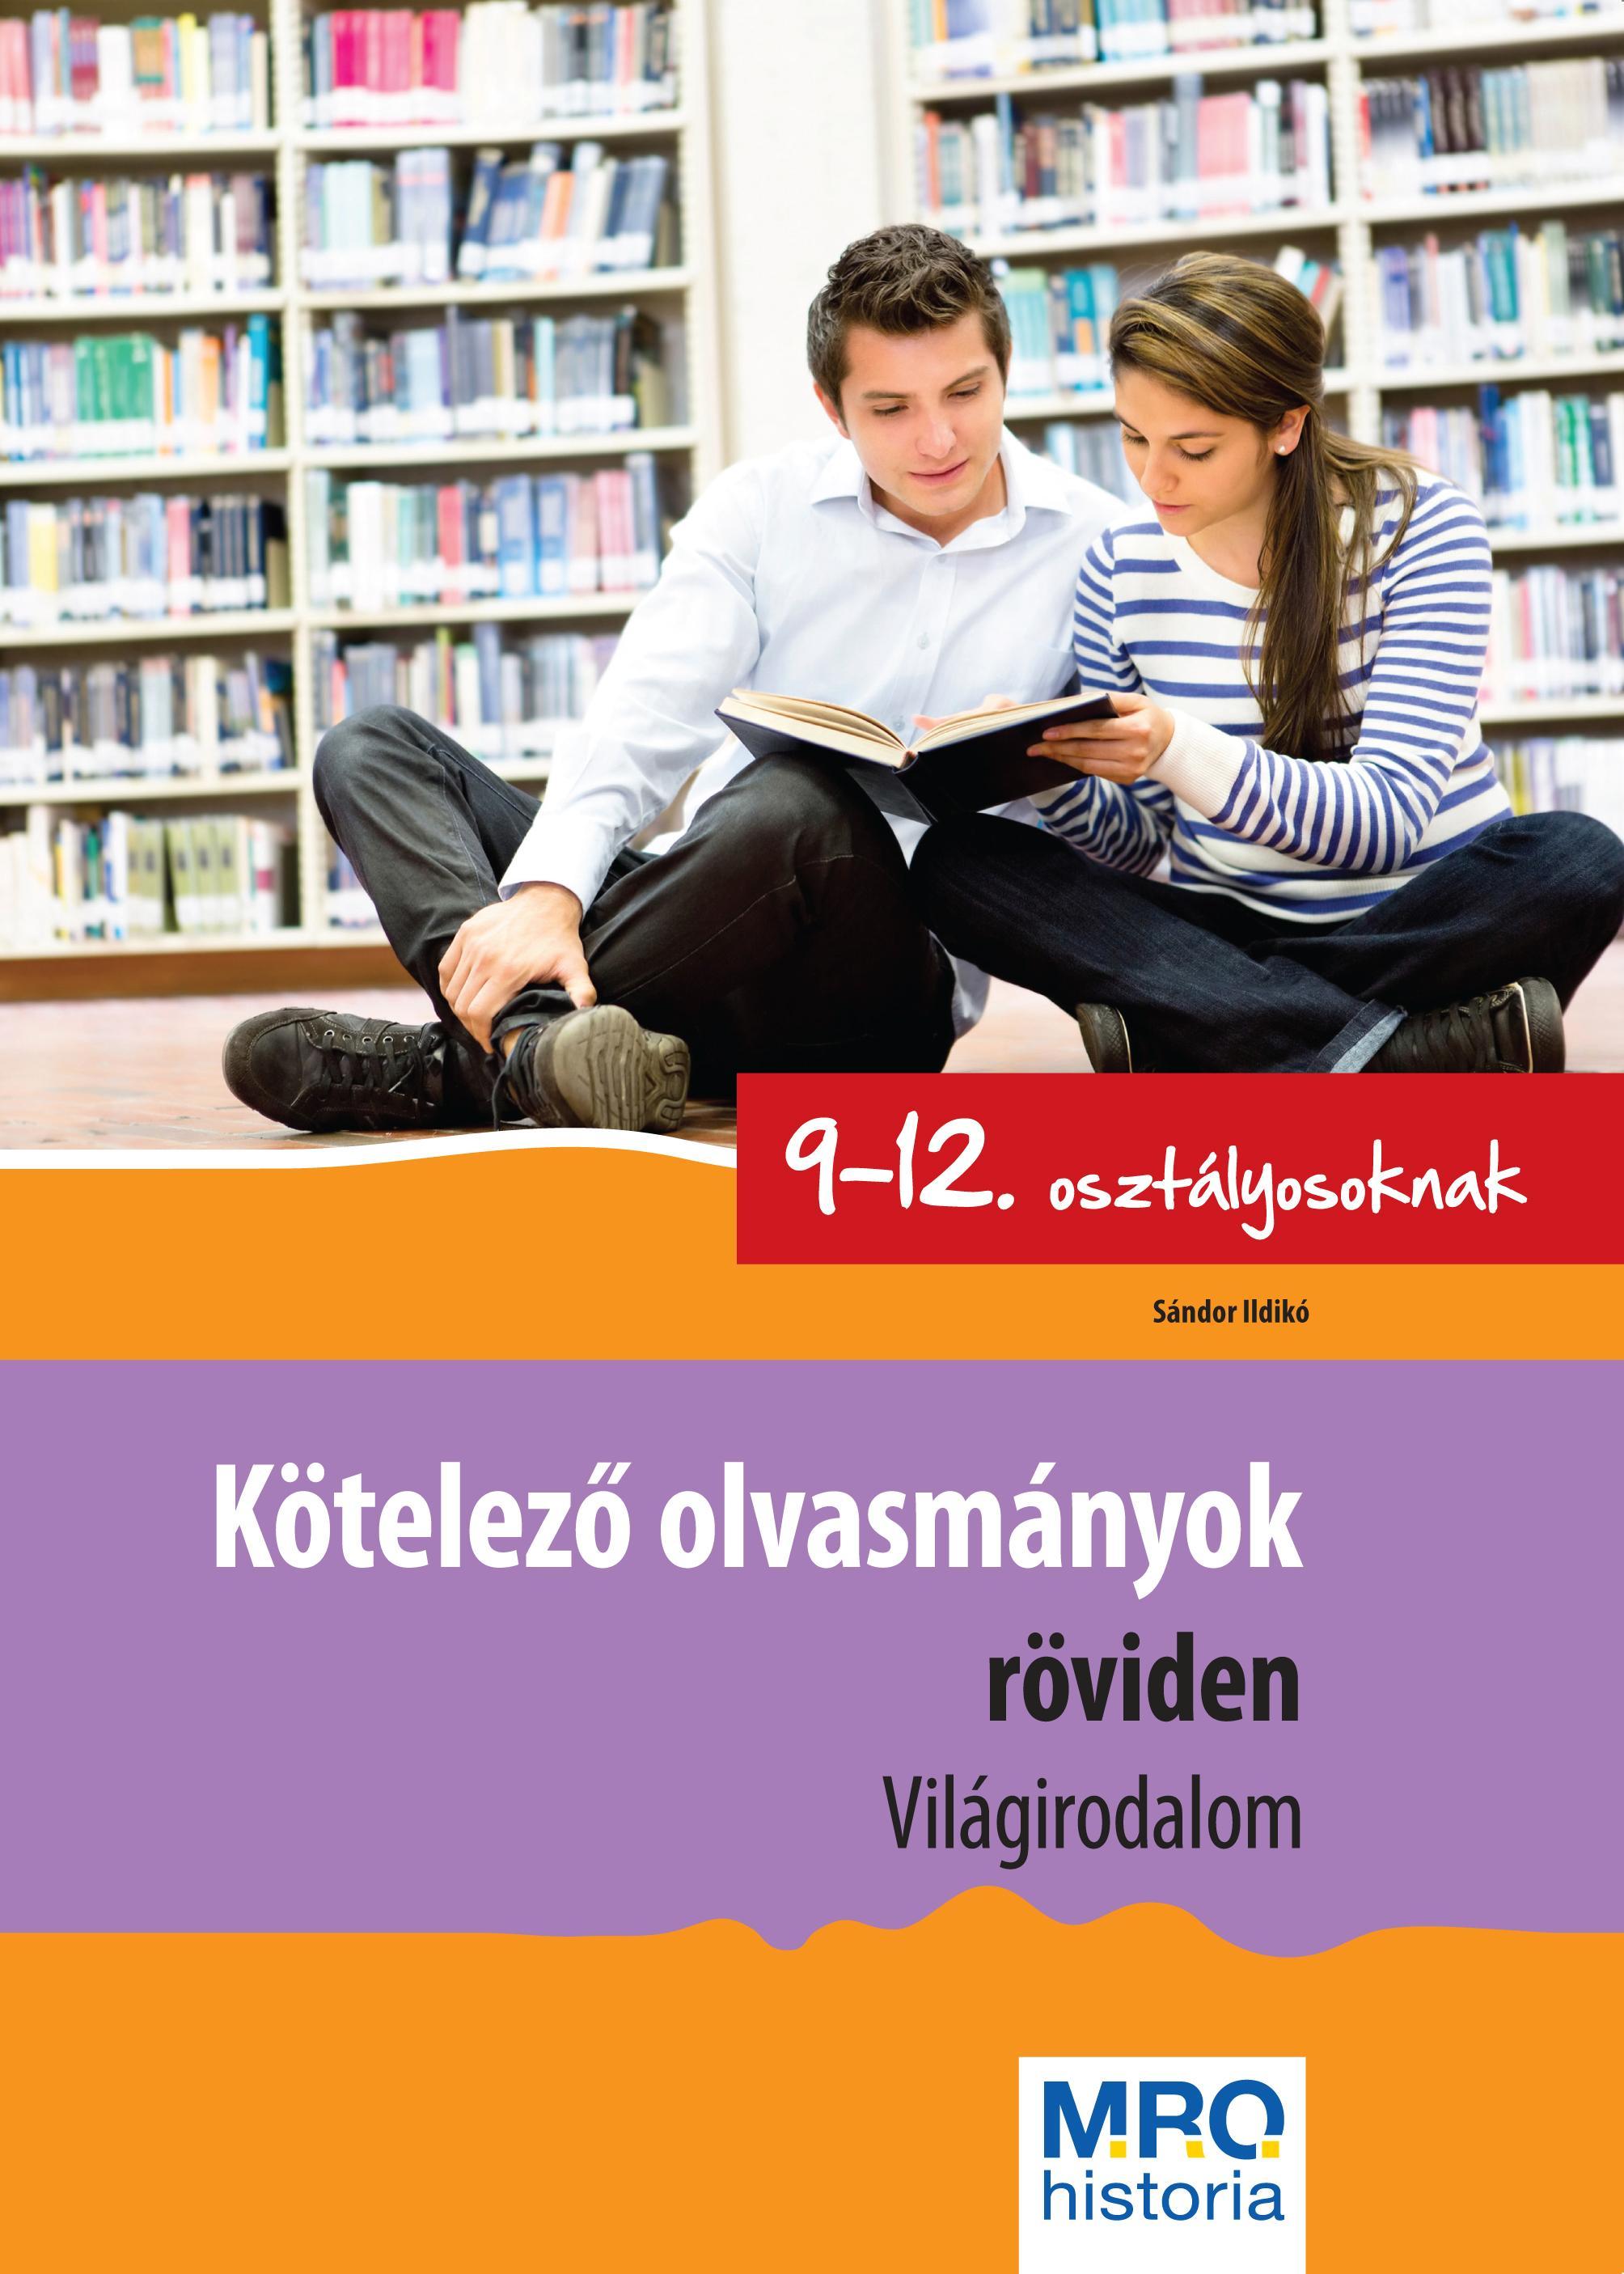 KÖTELEZŐ OLVASMÁNYOK RÖVIDEN 9-12. OSZT. - VILÁGIRODALOM